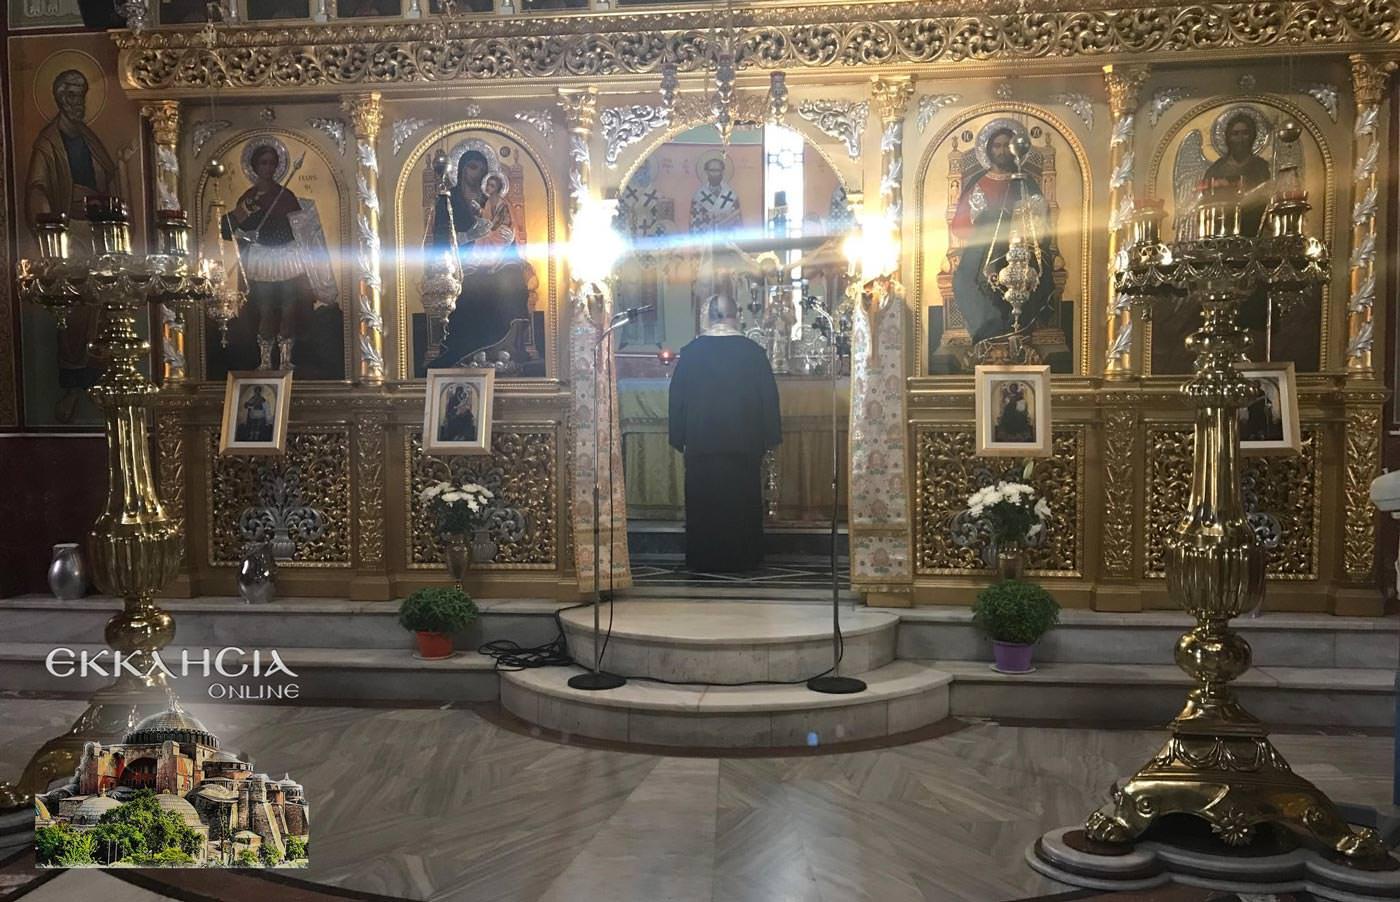 Άγιος Αμφιλόχιος Μακρής Ναός Αγίου Γεωργίου 2019